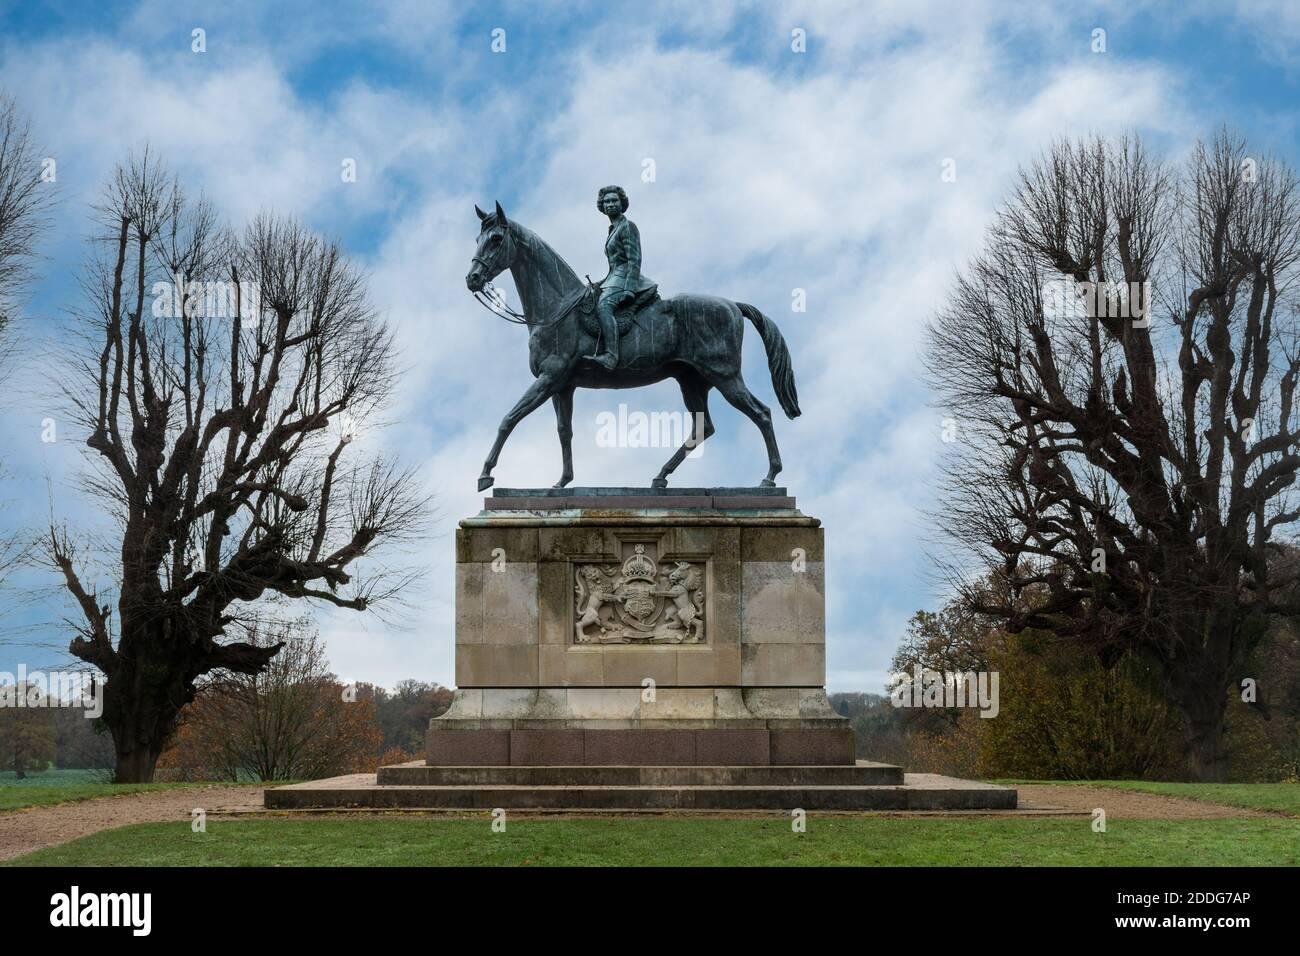 The Golden Jubilee Statue of Queen Elizabeth II on horseback in Windsor Great Park, Berkshire, UK Stock Photo